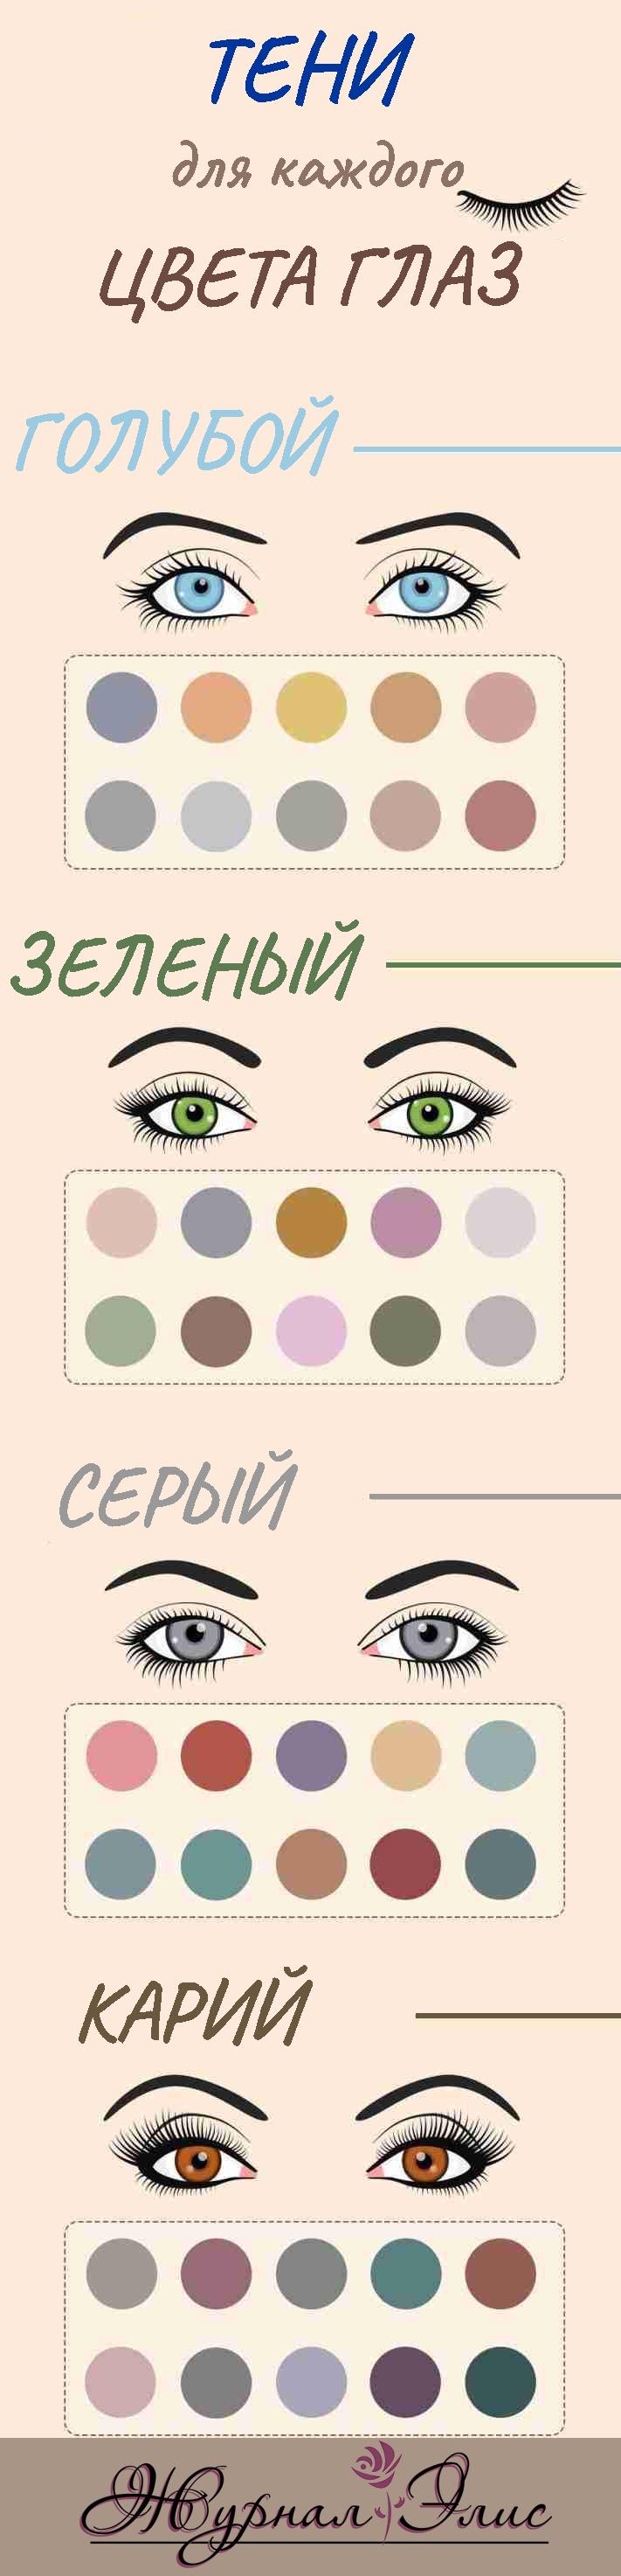 тени для каждого цвета глаз